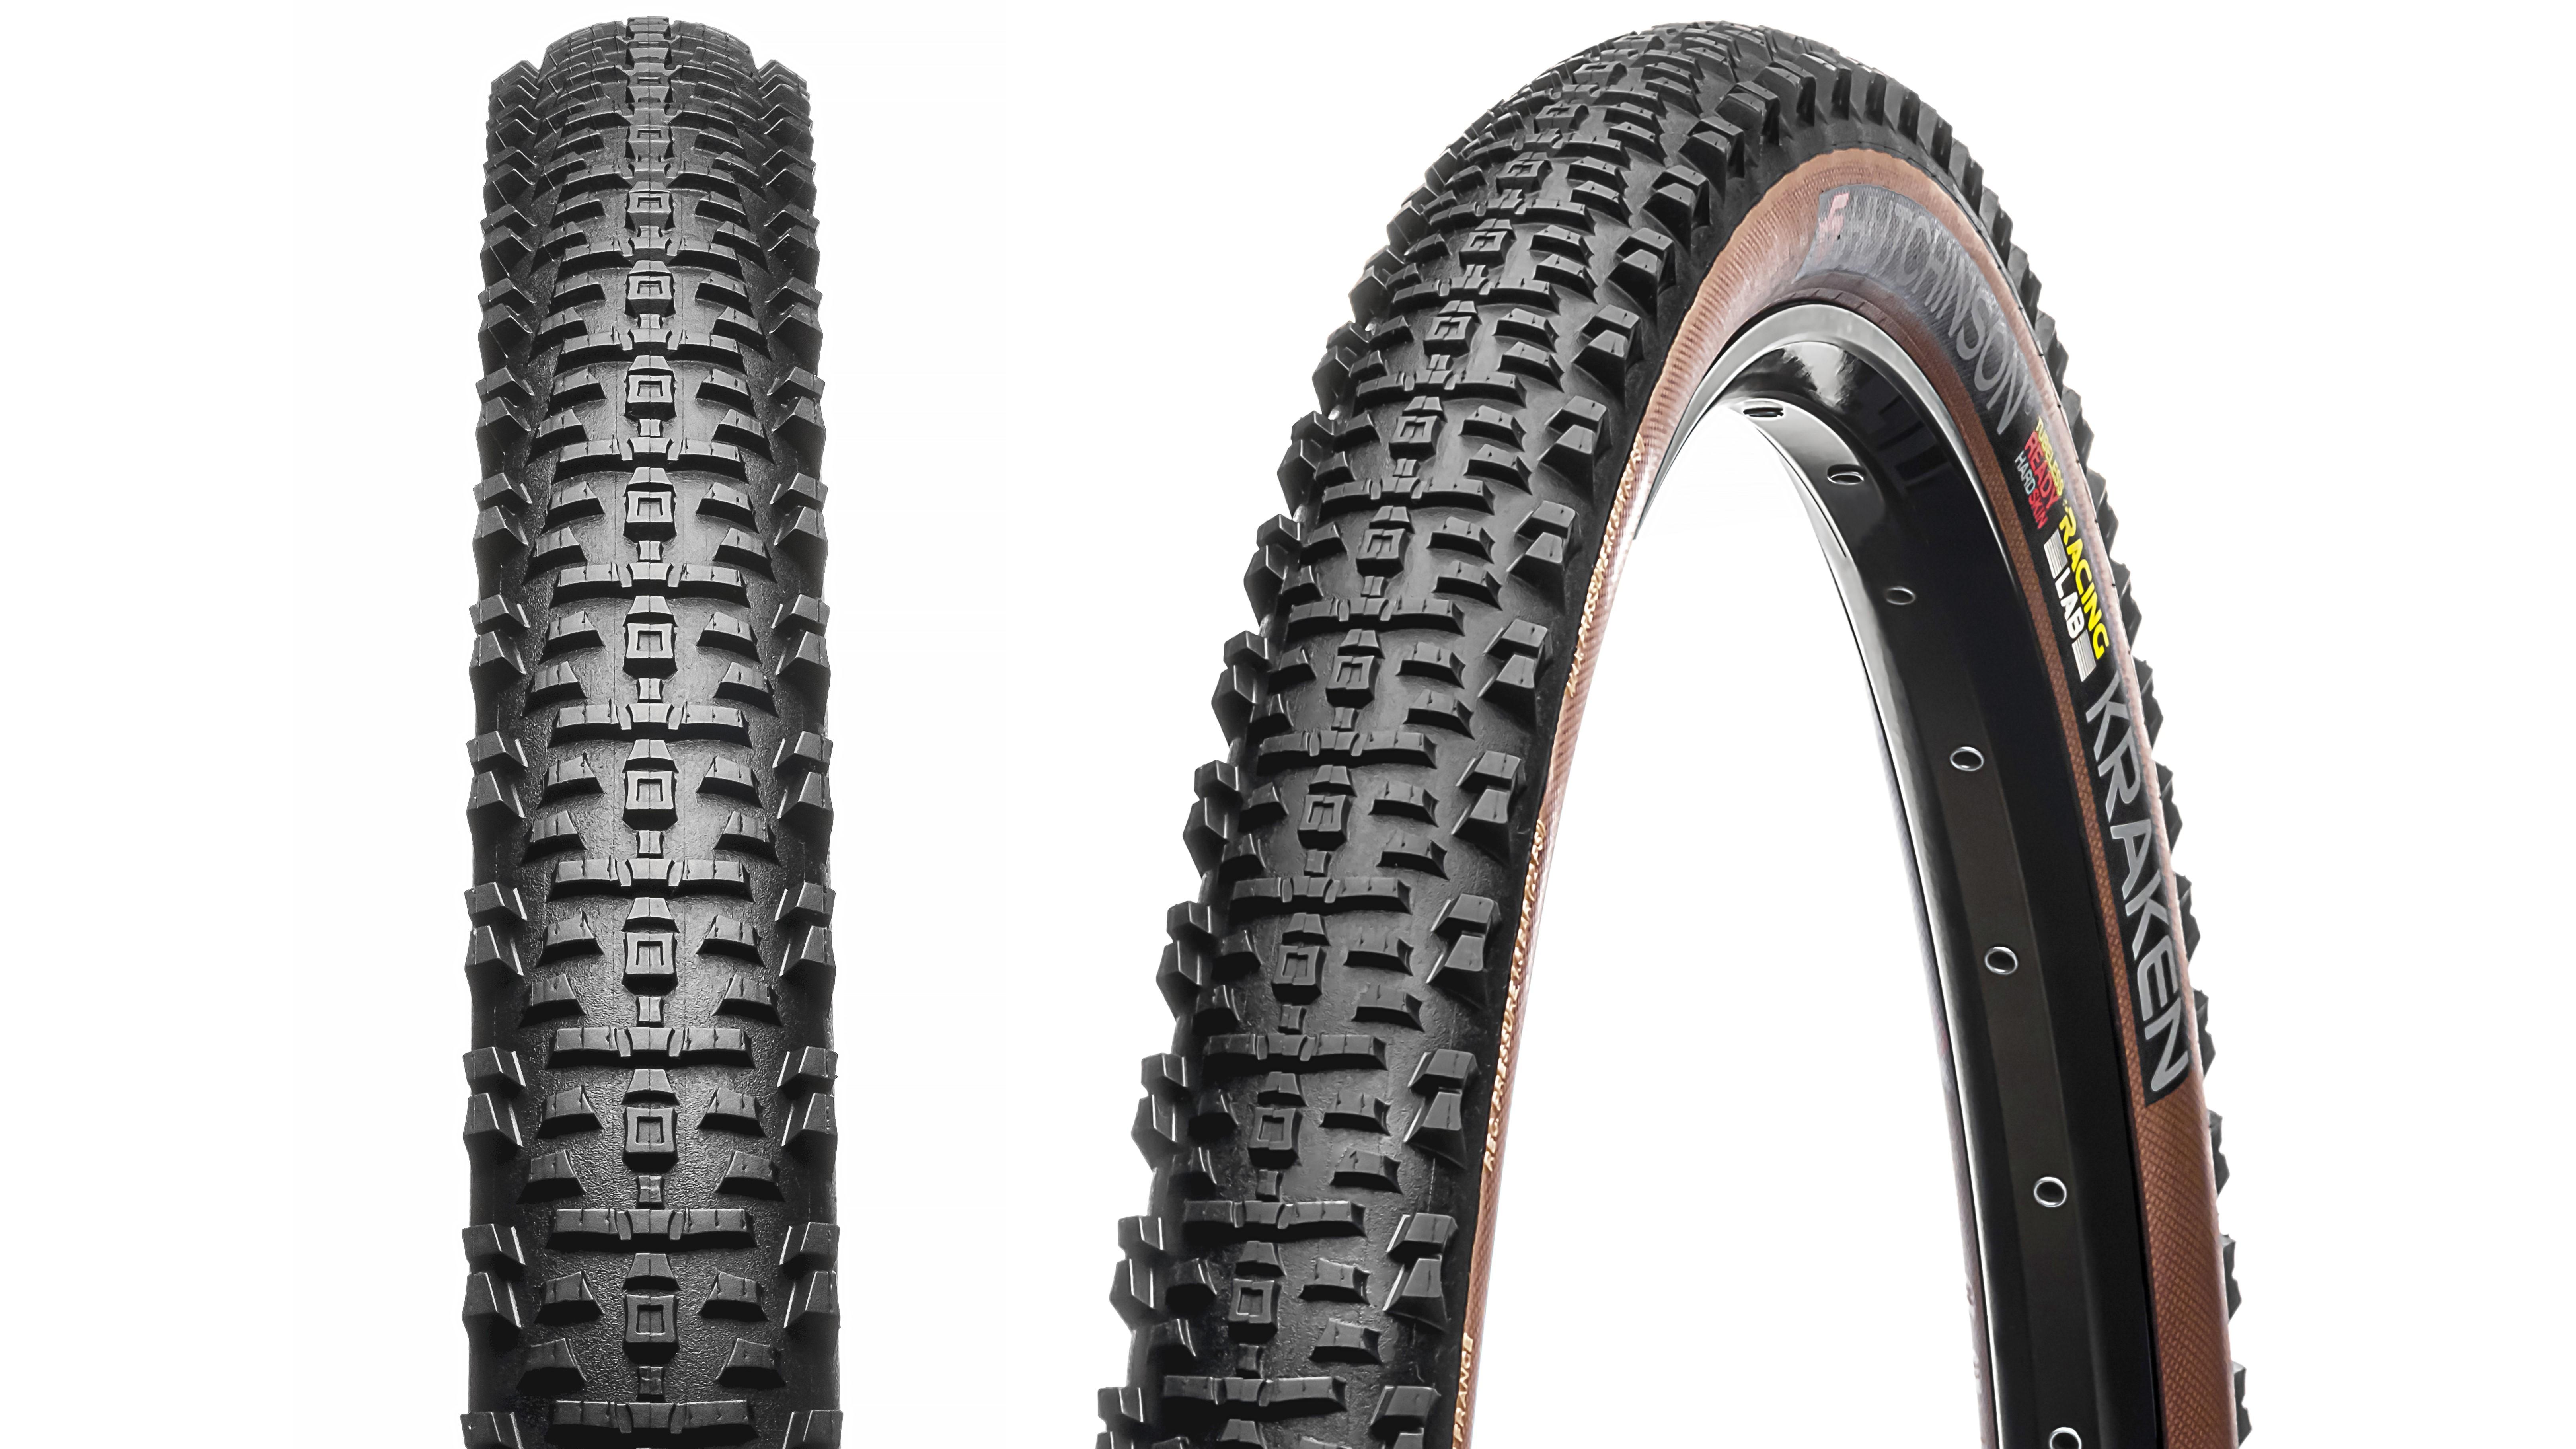 Kraken combines XC speed with trail tyre grip